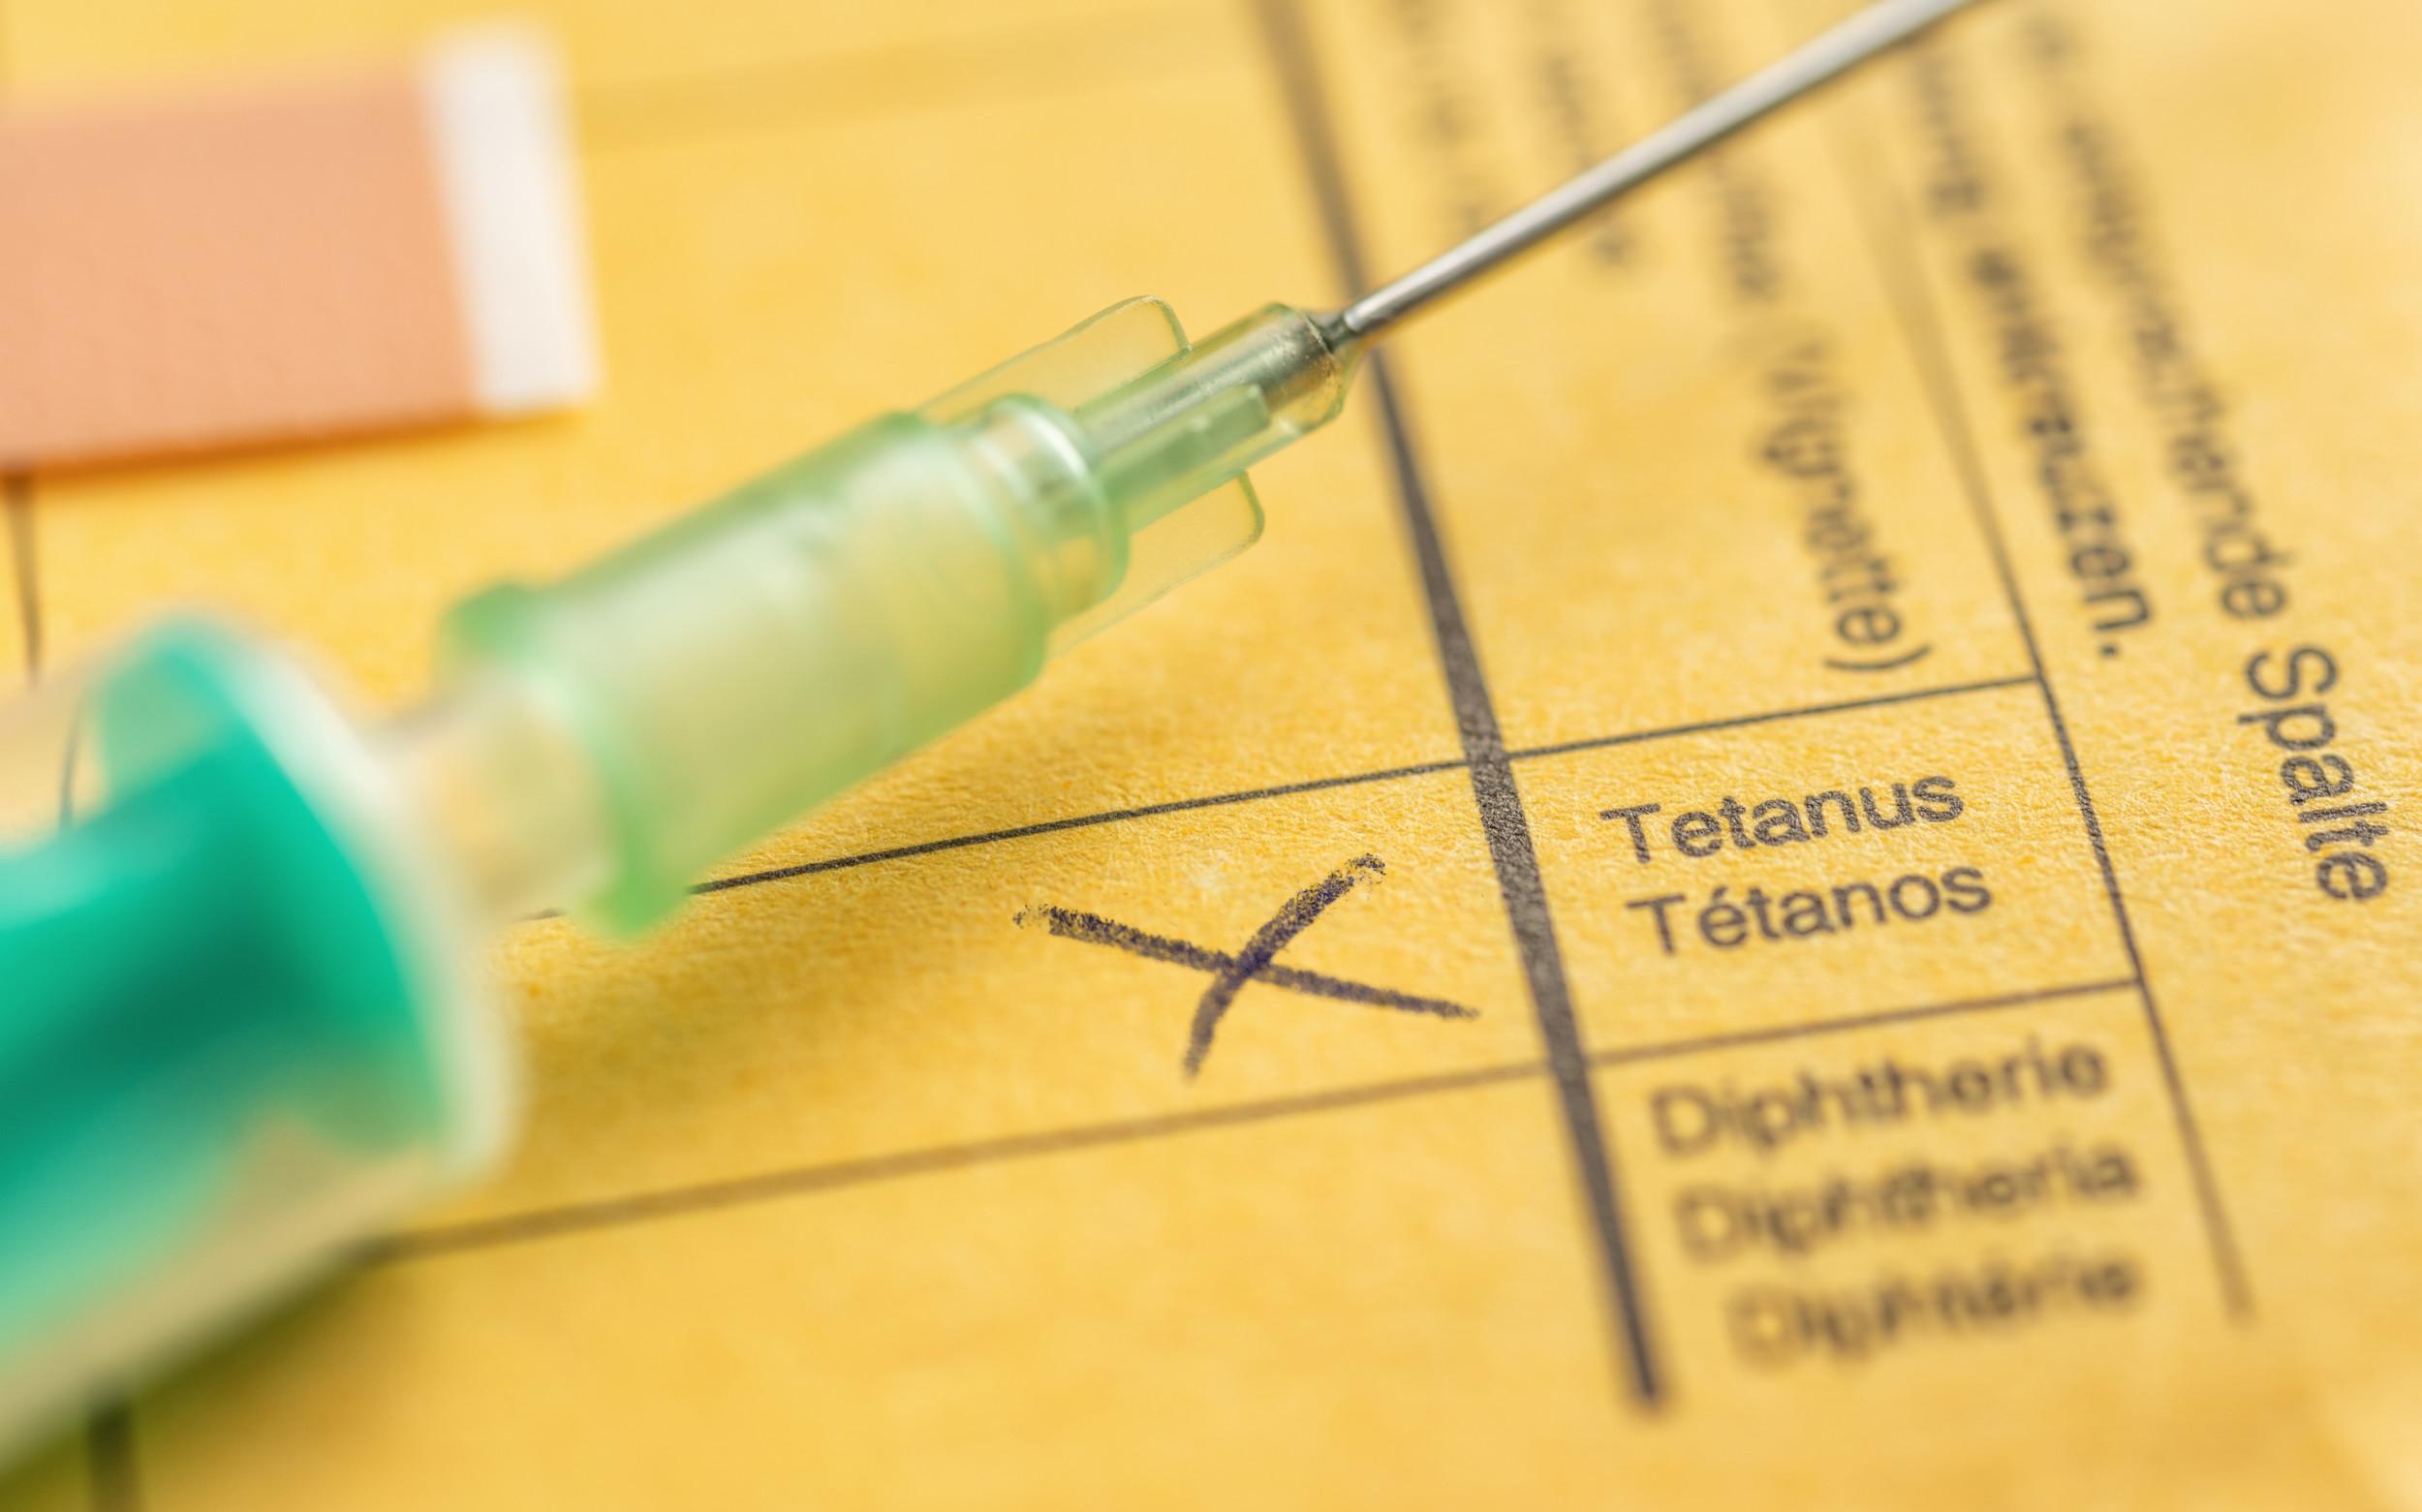 Tetanus Und Diphtherie Erwachsene Brauchen Keine Auffrischimpfungen Pz Pharmazeutische Zeitung